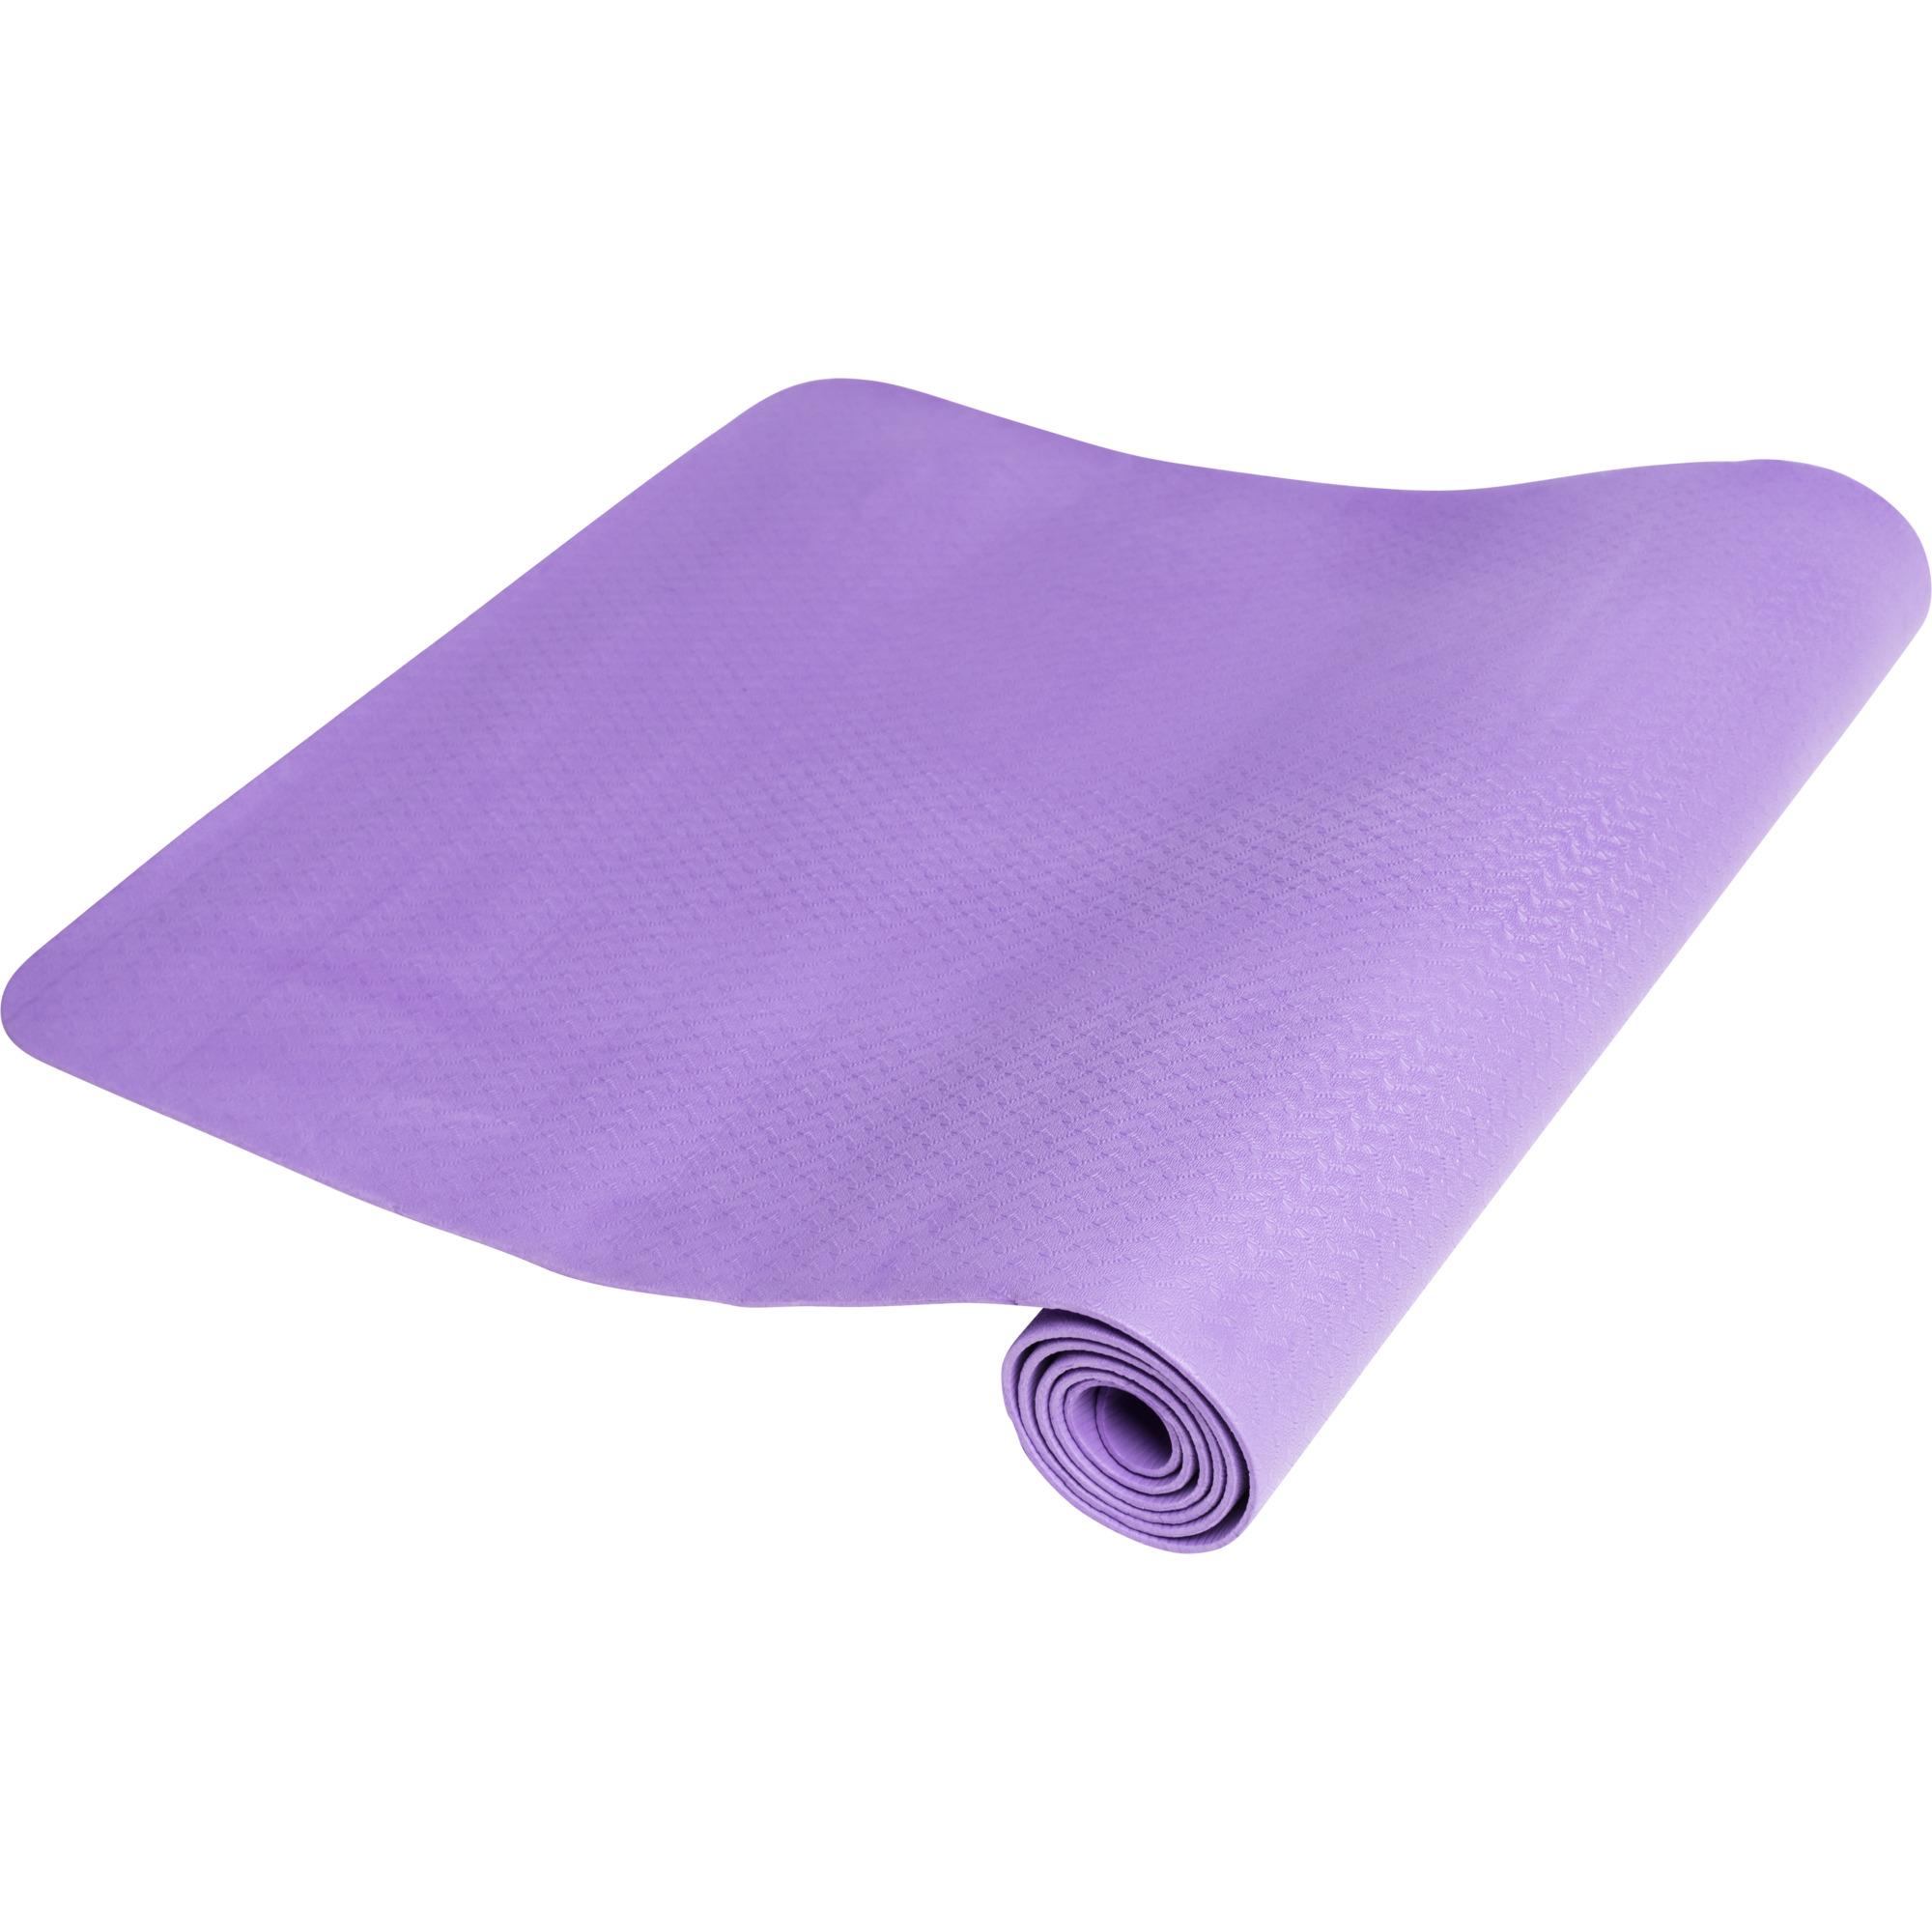 Yogamatte Dünn Purple 4 mm